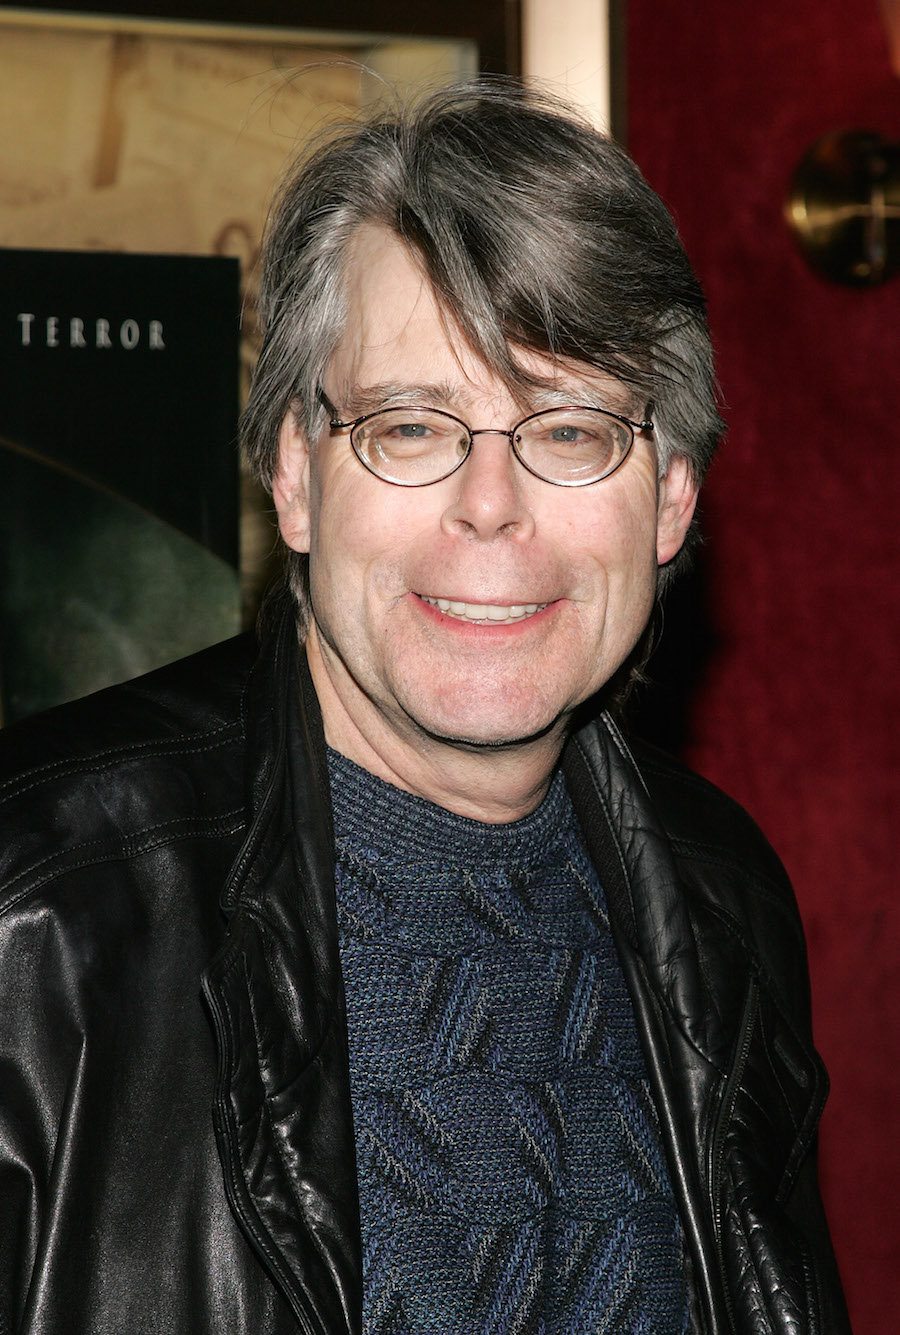 Escritor de horror - Stephen King